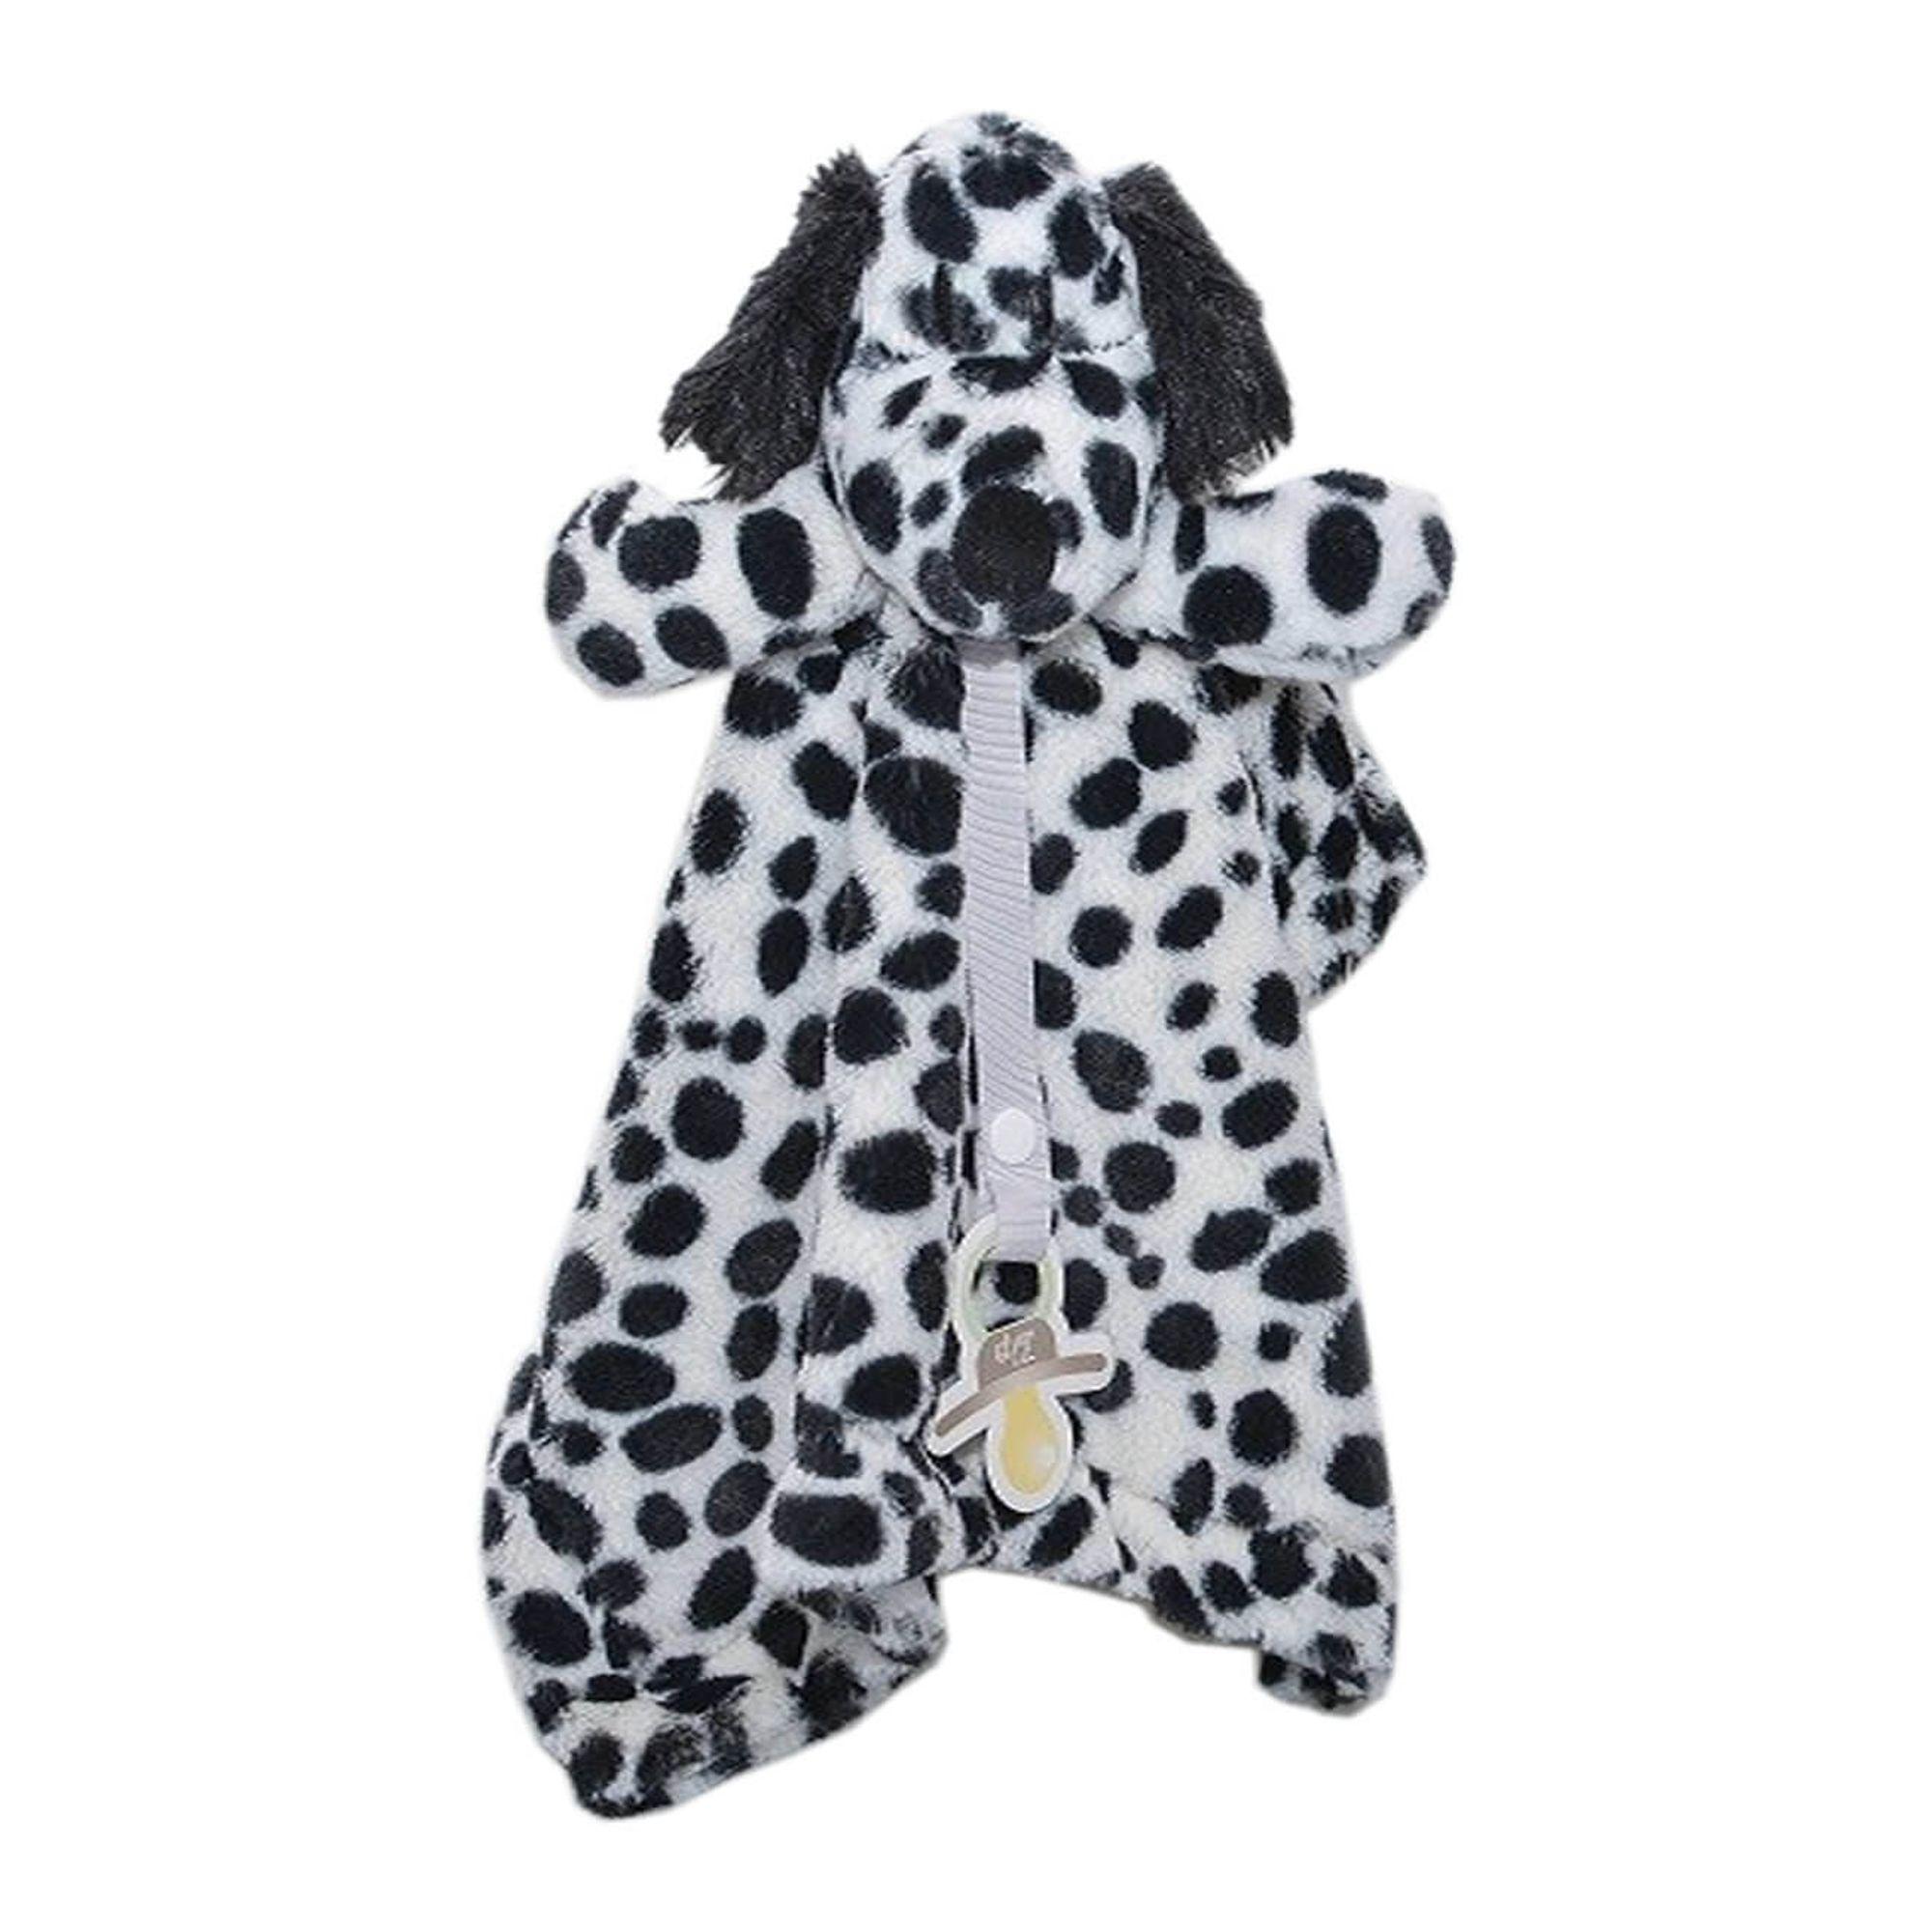 blanket-pelucia-cachorro-dalmata-ziptoys